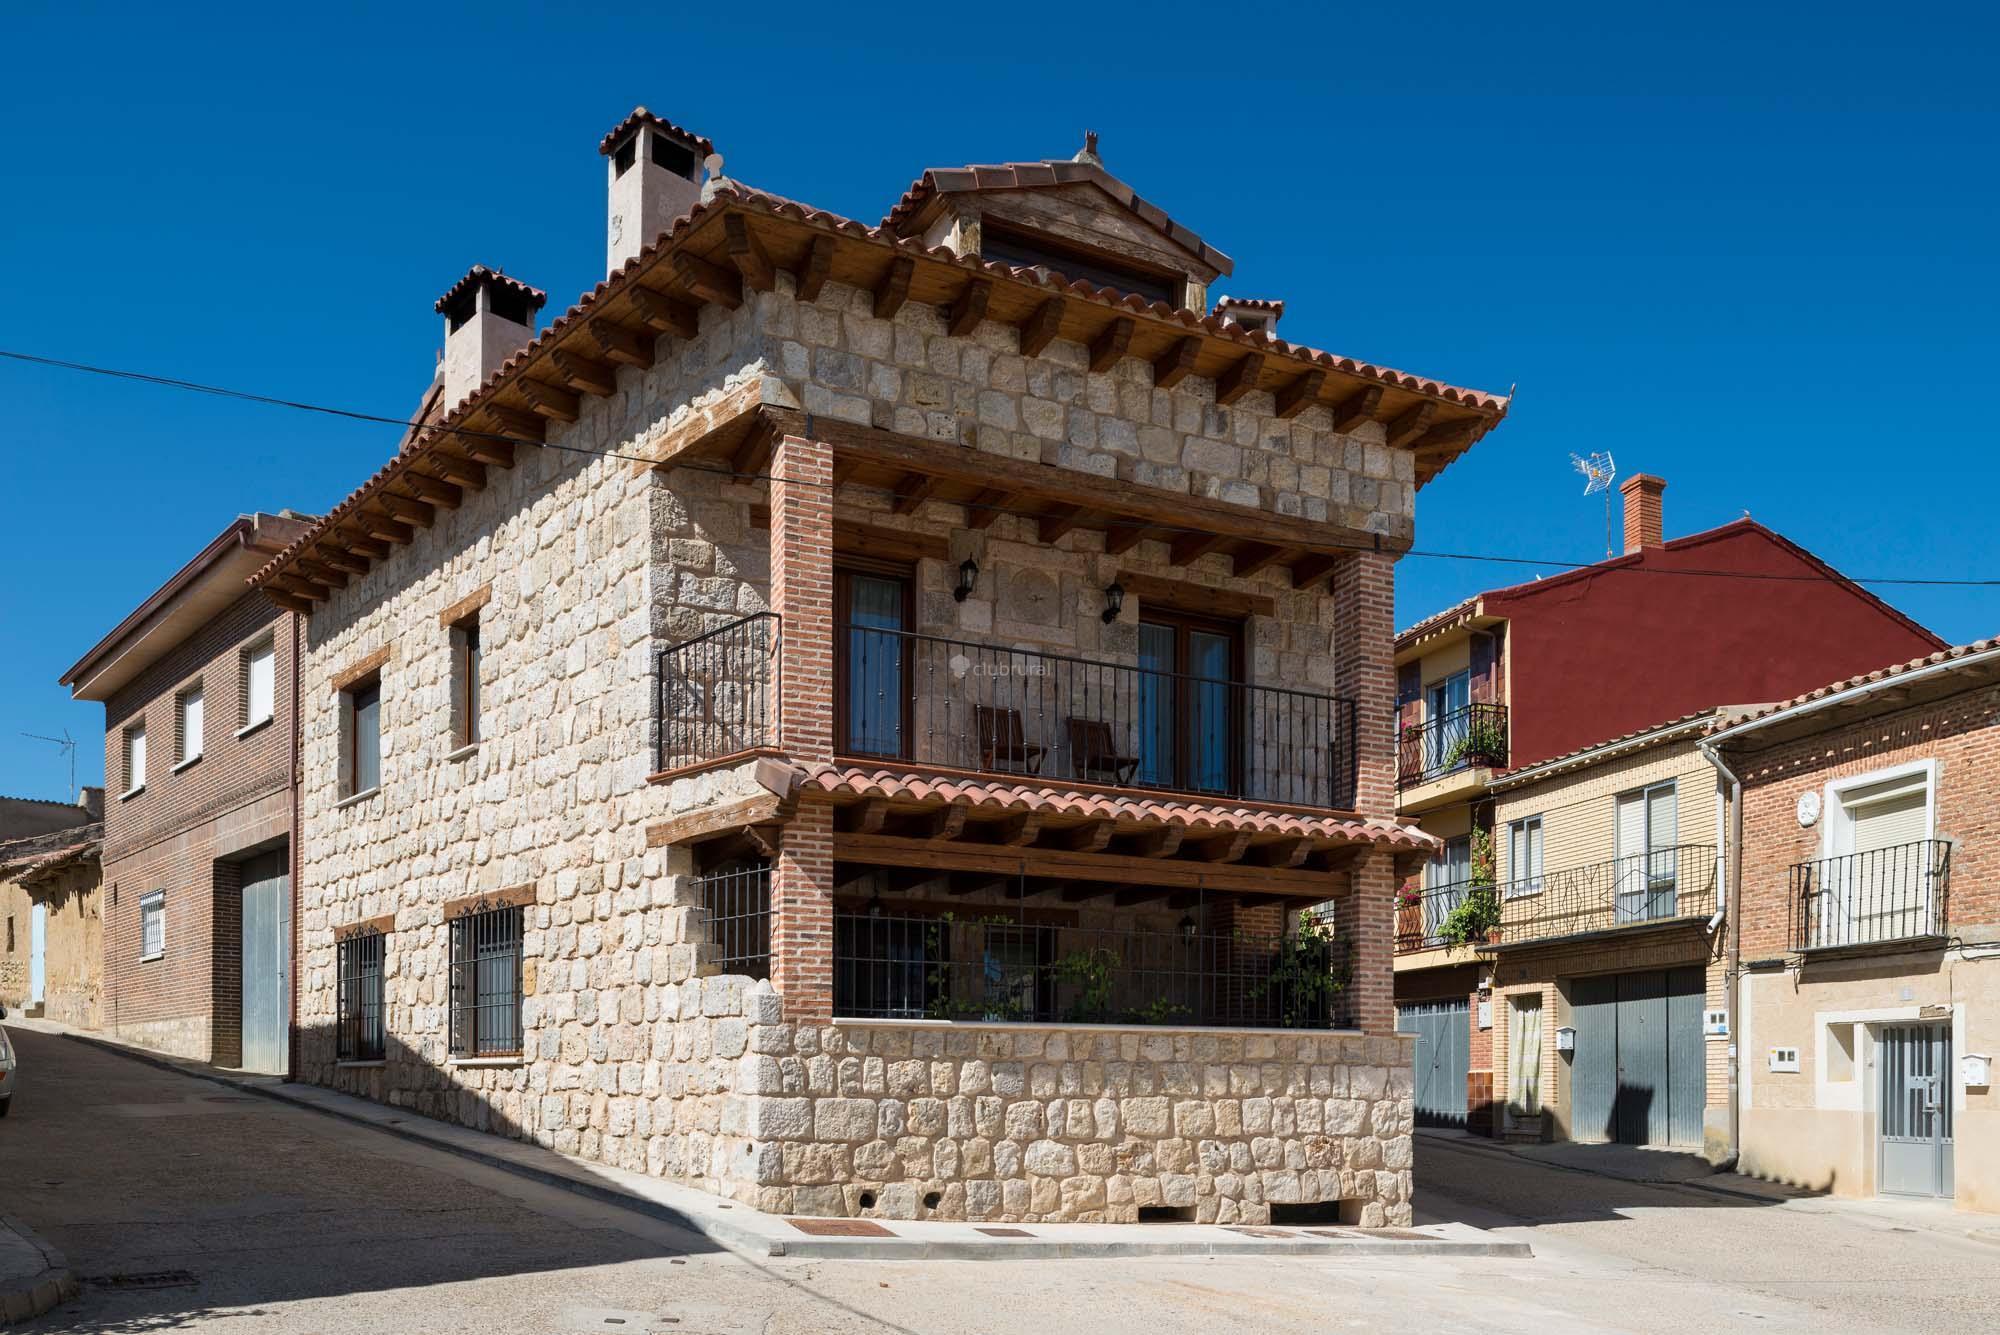 Casa de citas valladolid - Casas de citas en albacete ...